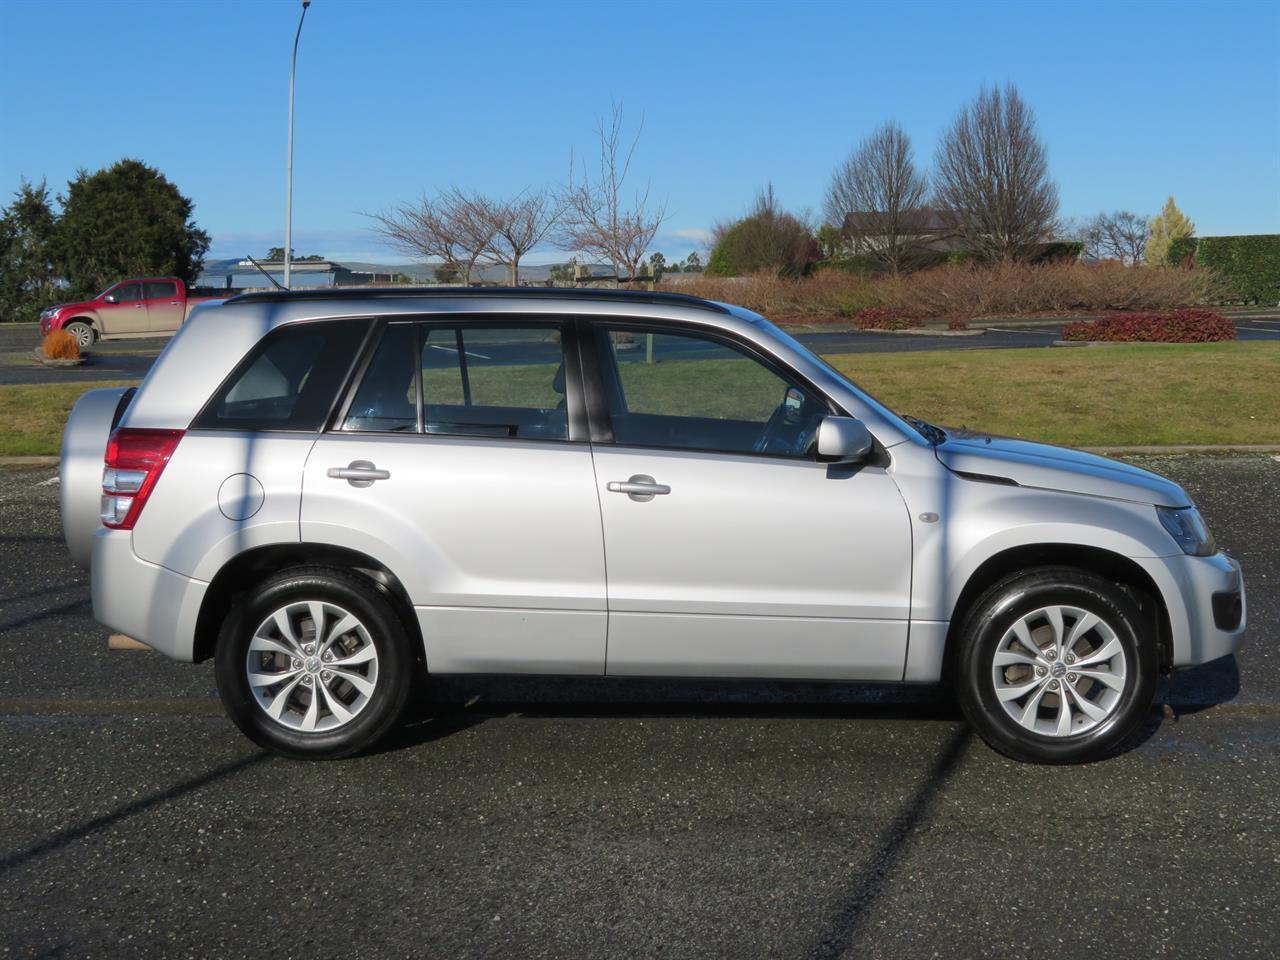 image-1, 2013 Suzuki Vitara Grand 2WD at Gore